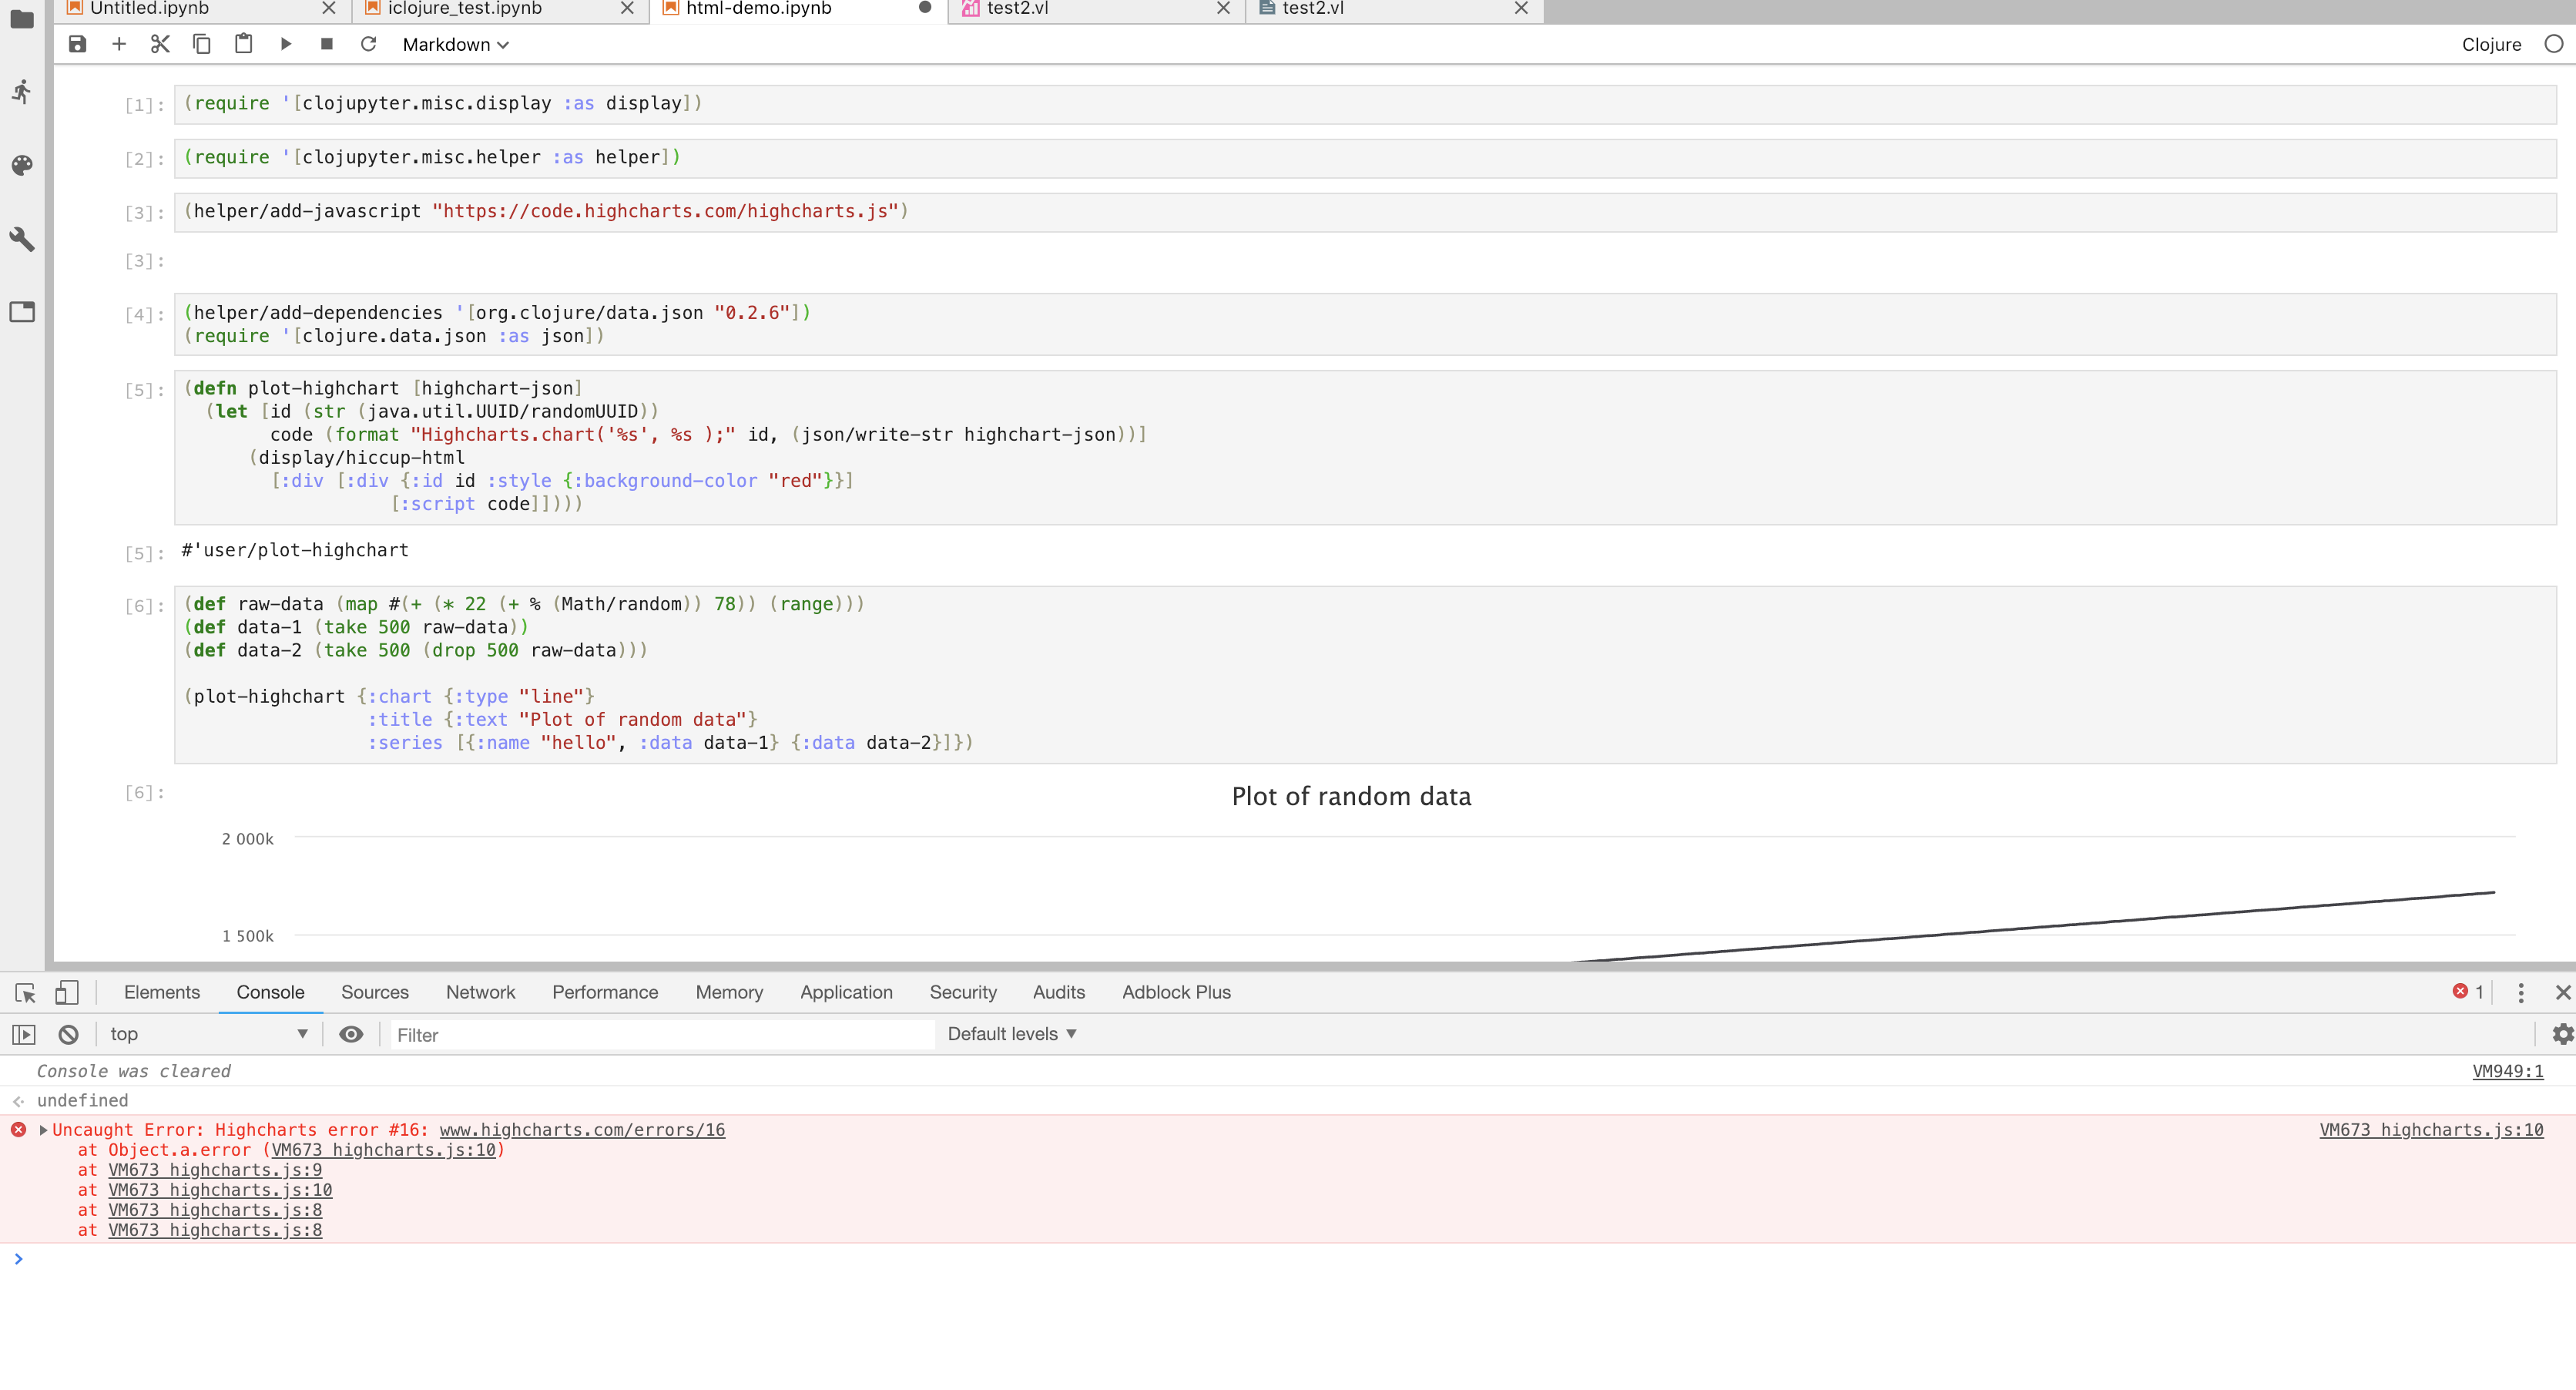 add-javascript function broken? · Issue #76 · clojupyter